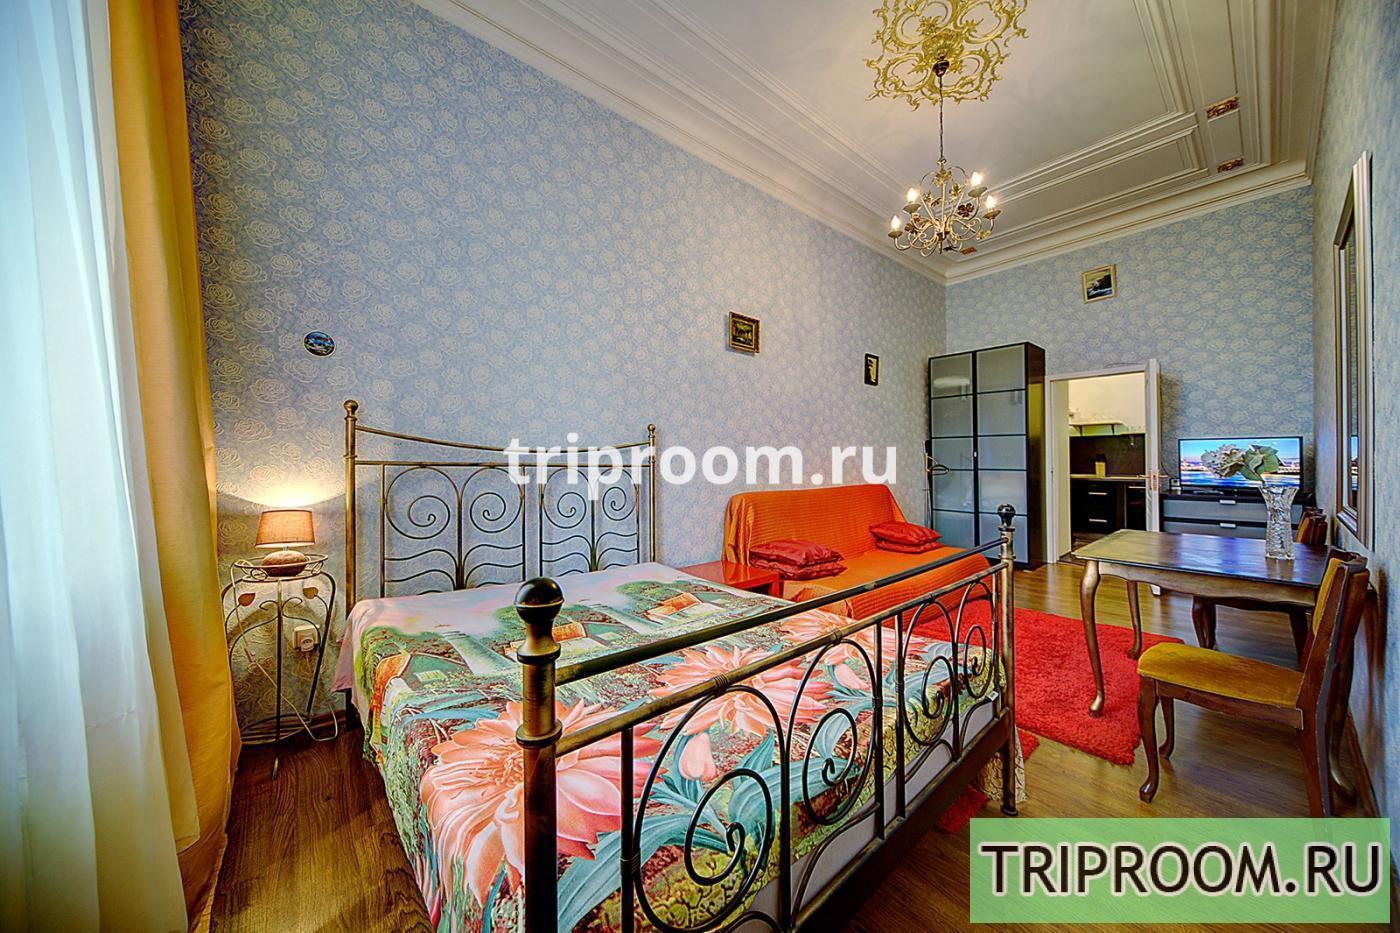 1-комнатная квартира посуточно (вариант № 15424), ул. Итальянская улица, фото № 1